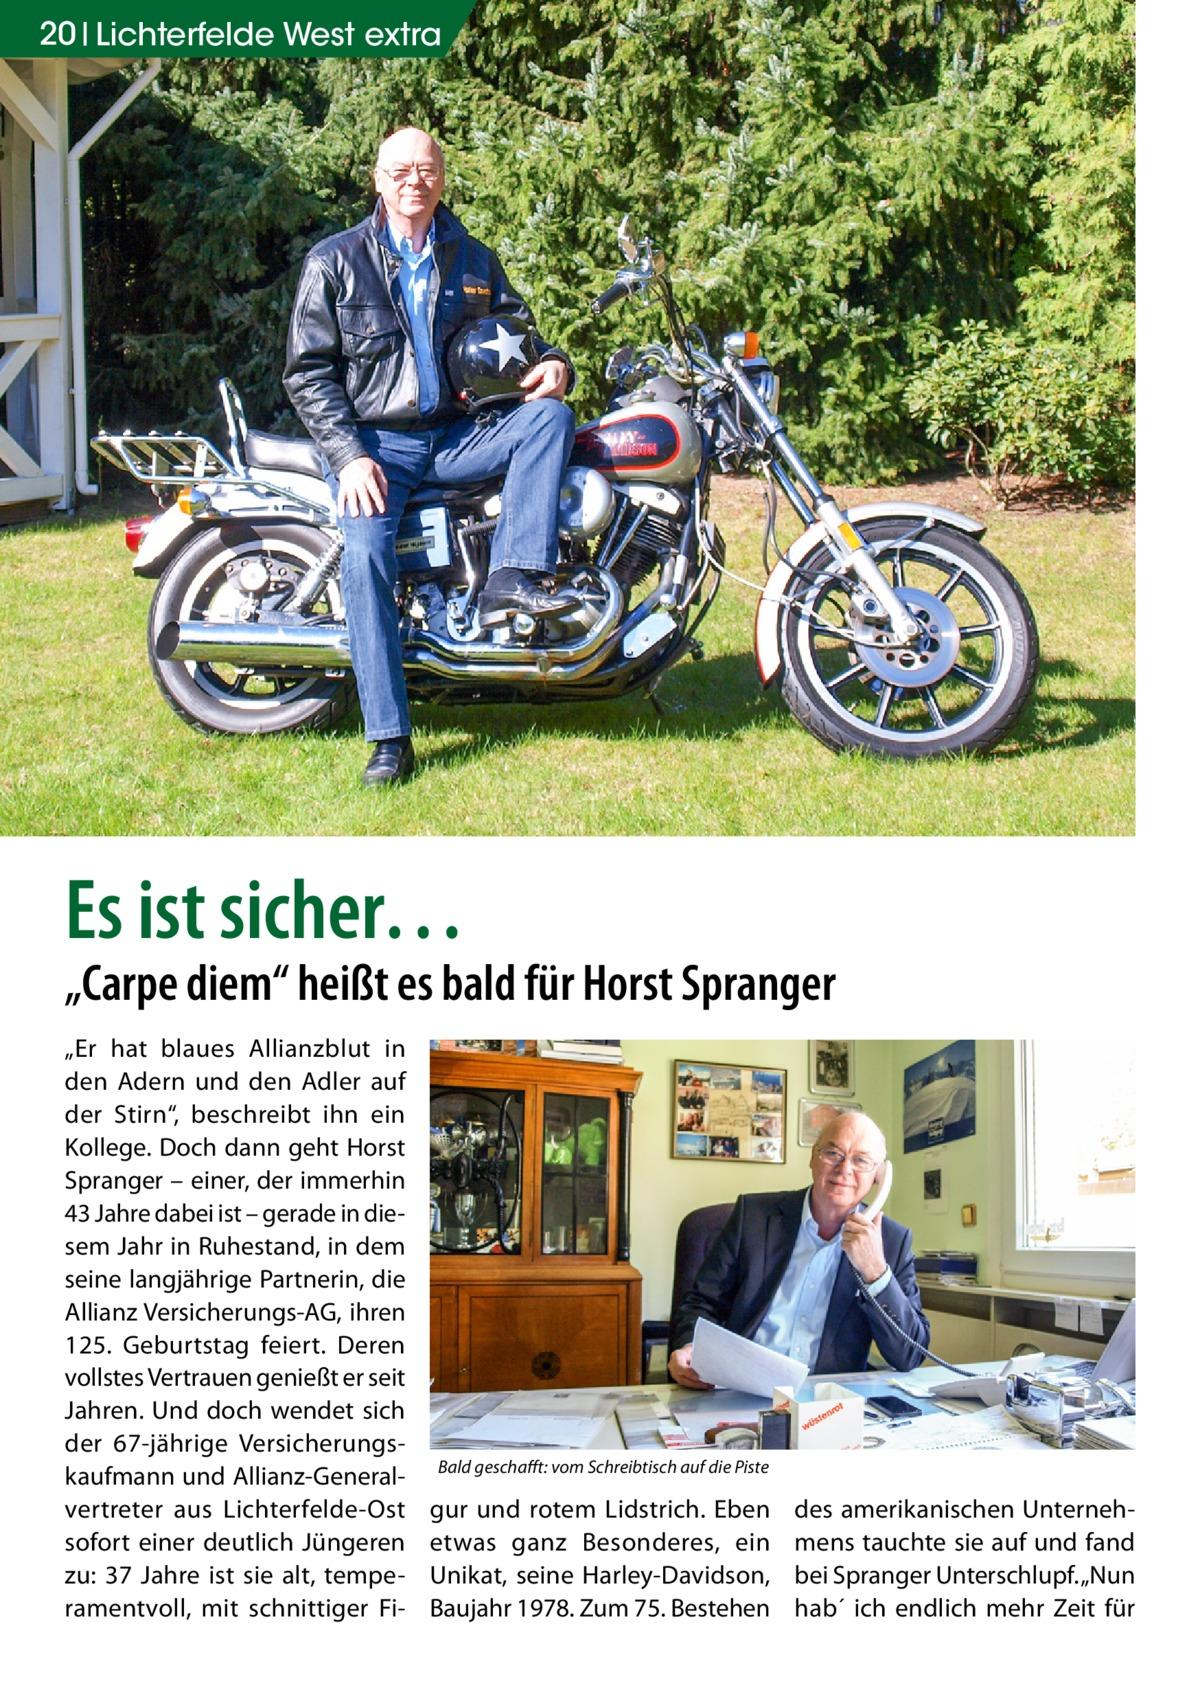 """20 Lichterfelde West extra  Es ist sicher…  """"Carpe diem"""" heißt es bald für Horst Spranger """"Er hat blaues Allianzblut in den Adern und den Adler auf der Stirn"""", beschreibt ihn ein Kollege. Doch dann geht Horst Spranger – einer, der immerhin 43Jahre dabei ist – gerade in diesem Jahr in Ruhestand, in dem seine langjährige Partnerin, die Allianz Versicherungs-AG, ihren 125. Geburtstag feiert. Deren vollstes Vertrauen genießt er seit Jahren. Und doch wendet sich der 67-jährige Versicherungskaufmann und Allianz-Generalvertreter aus Lichterfelde-Ost sofort einer deutlich Jüngeren zu: 37 Jahre ist sie alt, temperamentvoll, mit schnittiger Fi Bald geschafft: vom Schreibtisch auf die Piste  gur und rotem Lidstrich. Eben etwas ganz Besonderes, ein Unikat, seine Harley-Davidson, Baujahr 1978. Zum 75. Bestehen  des amerikanischen Unternehmens tauchte sie auf und fand bei Spranger Unterschlupf. """"Nun hab´ ich endlich mehr Zeit für"""